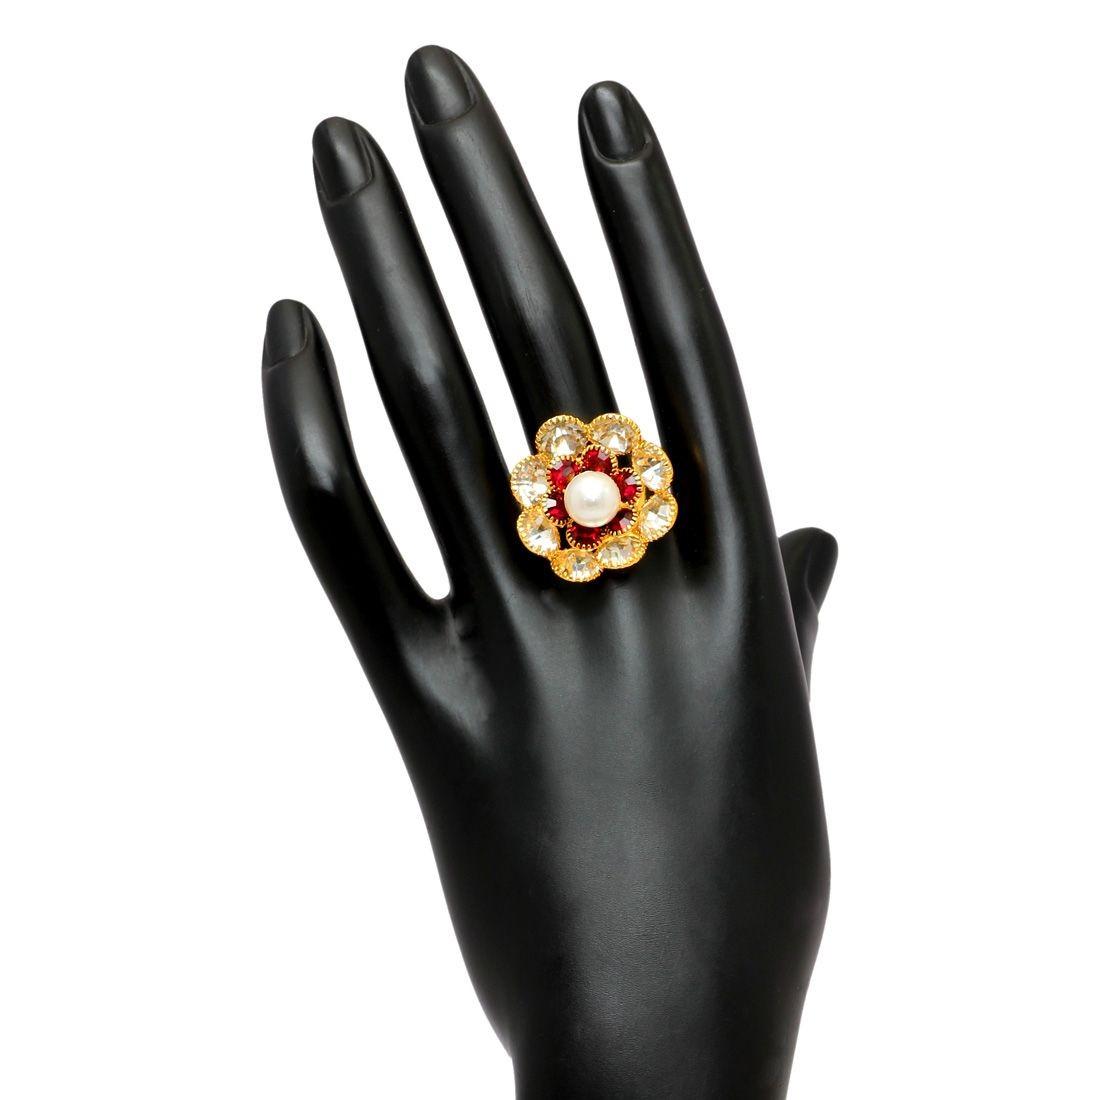 Anillo flor cristales y perla